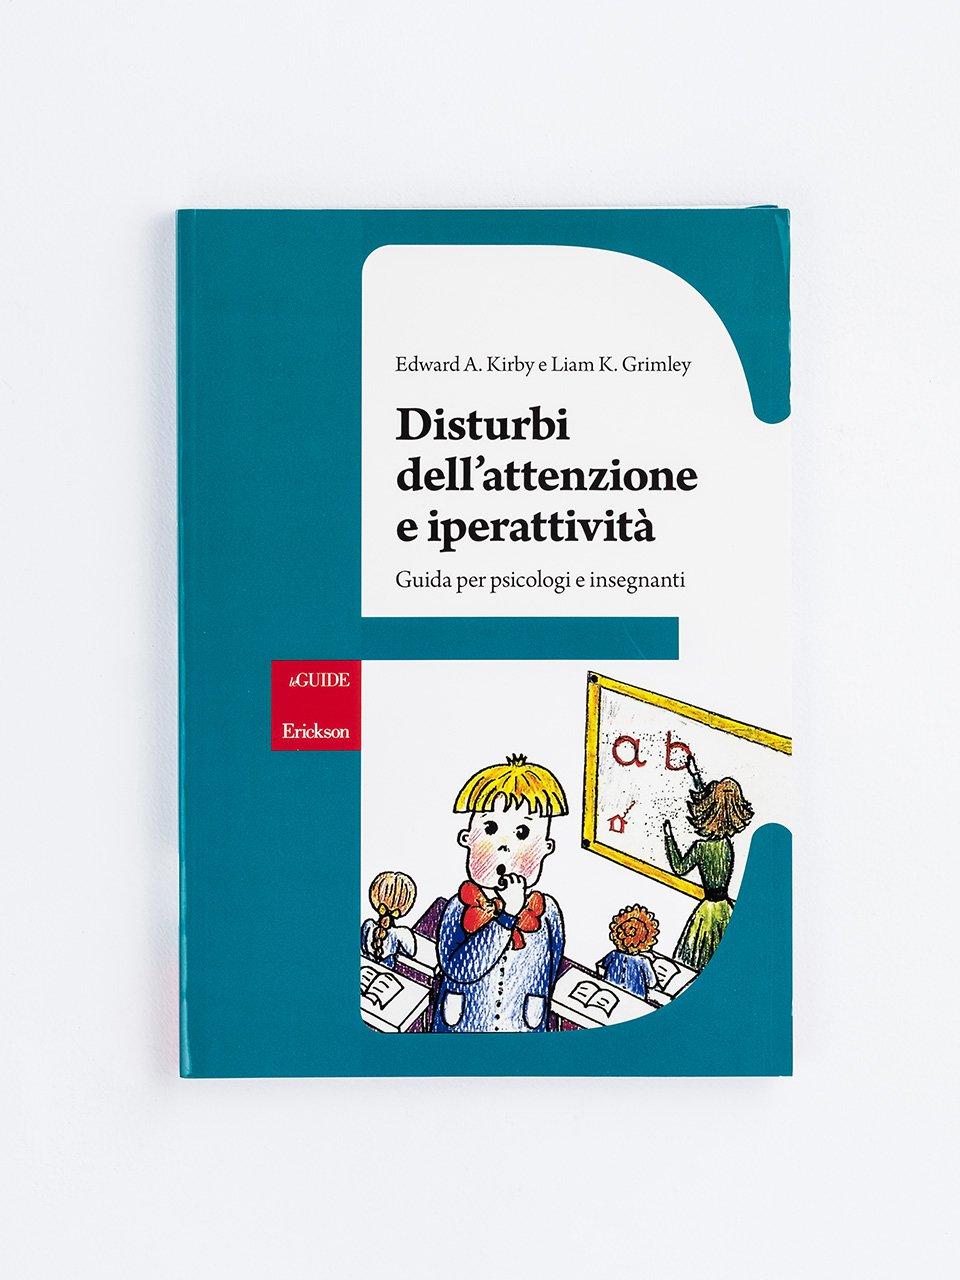 Disturbi dell'attenzione e iperattività - Il bambino con deficit di attenzione/iperattività - Libri - Erickson